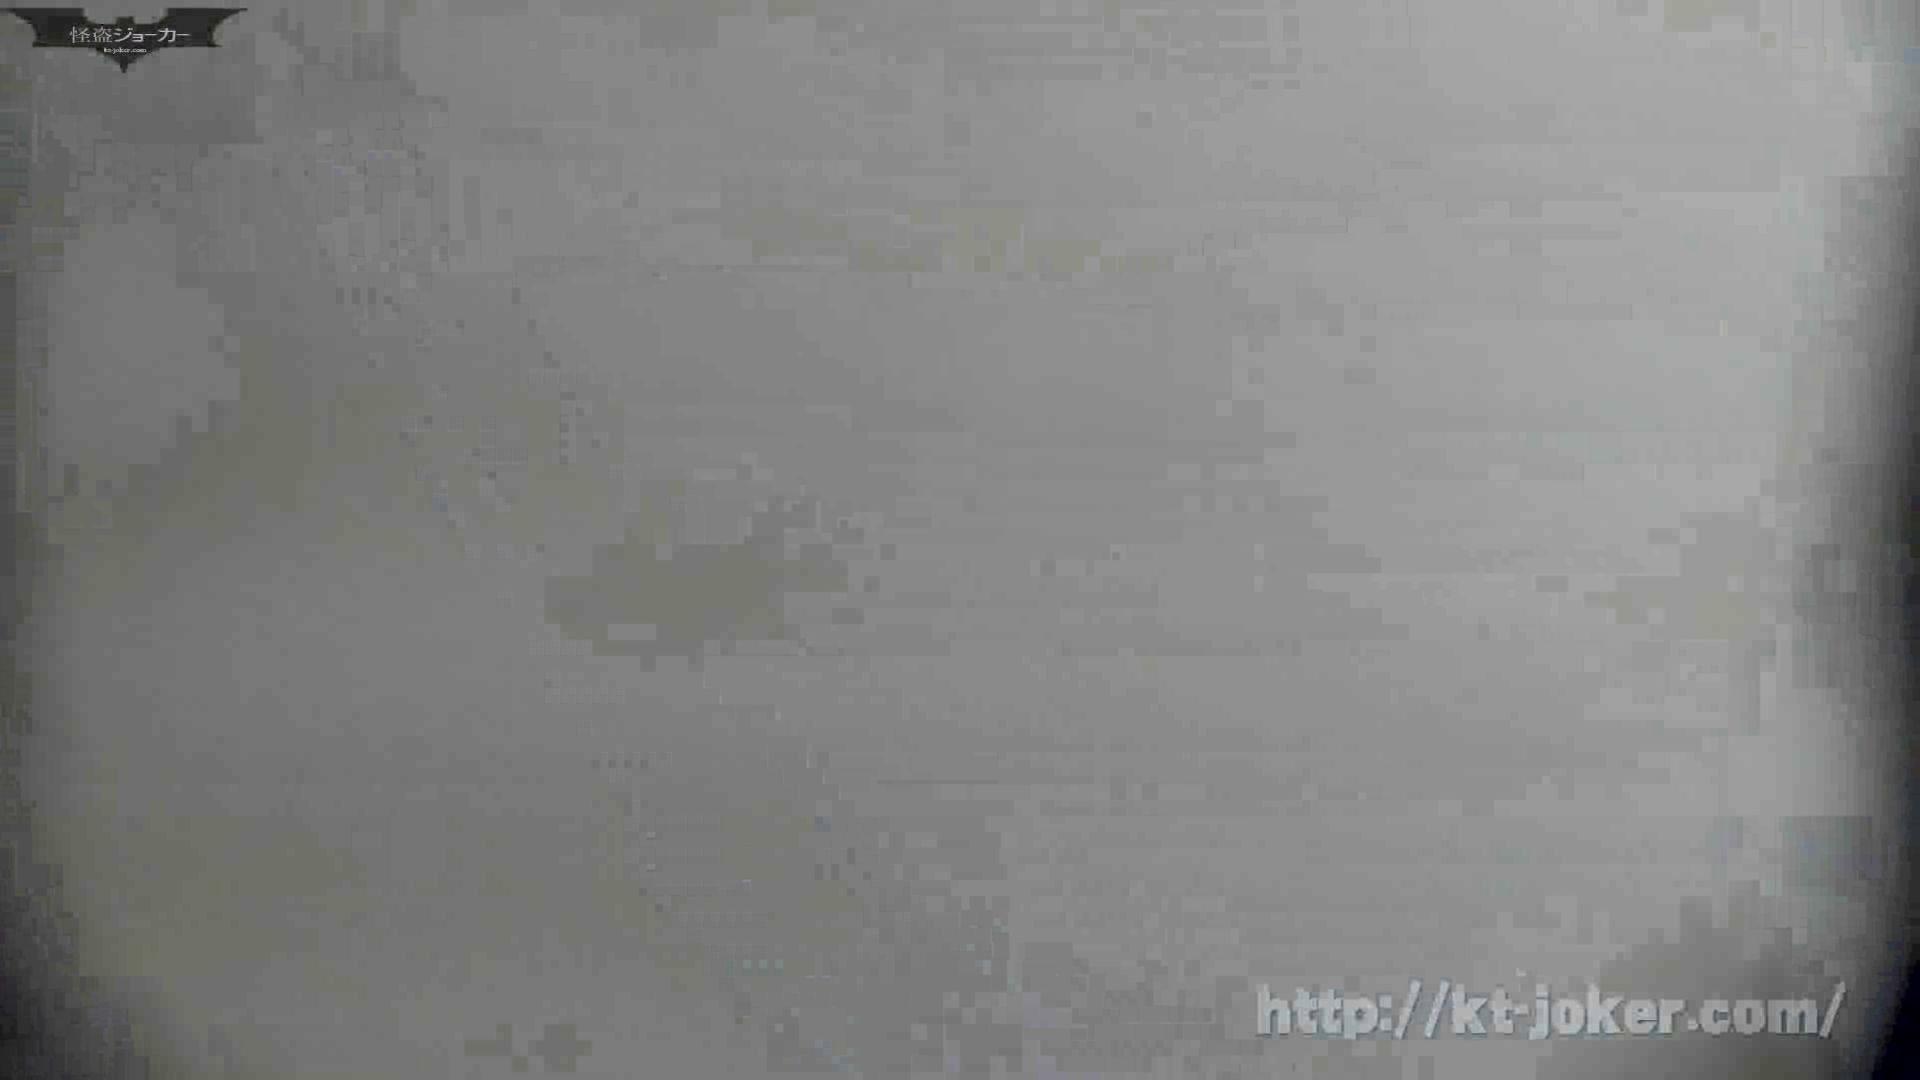 命がけ潜伏洗面所! vol.58 さらなる無謀な挑戦、新アングル、壁に穴を開ける OL  77枚 24